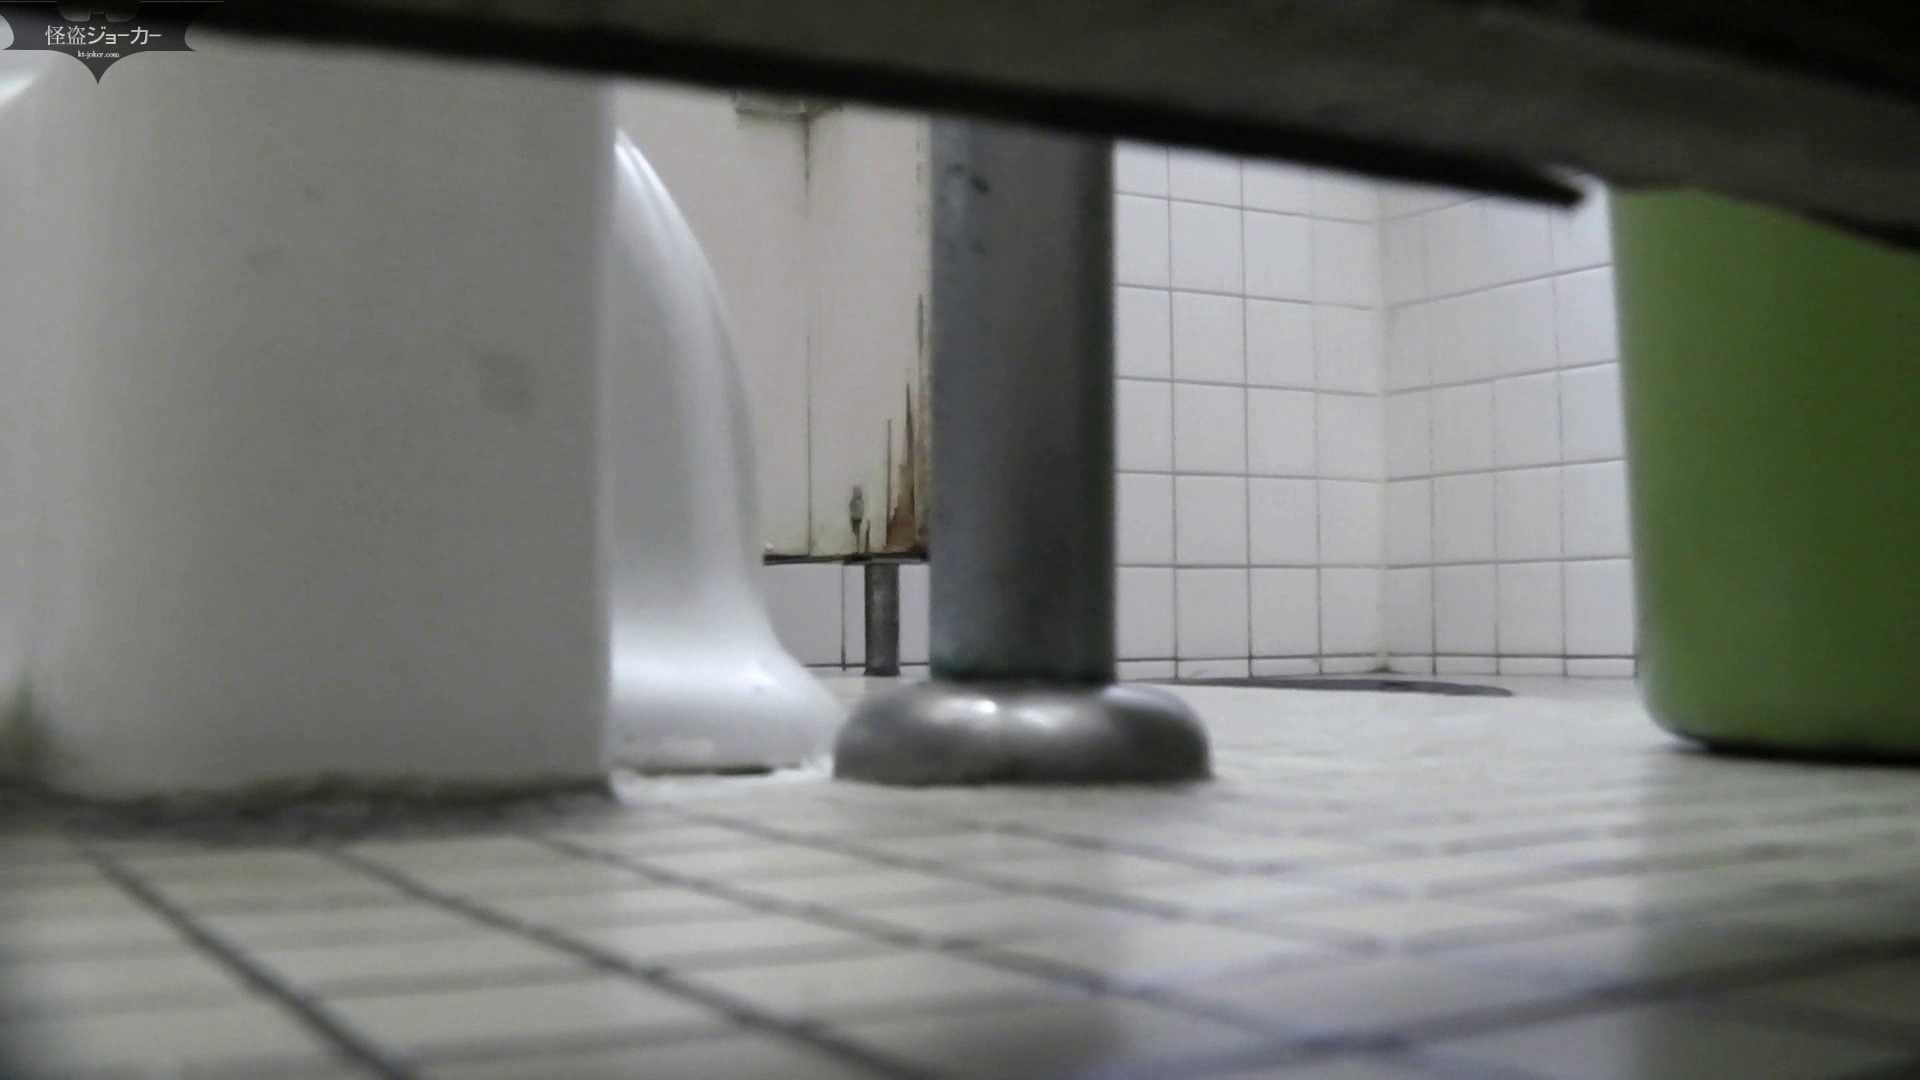 【美しき個室な世界】洗面所特攻隊 vol.051 エッチなOL  93枚 16